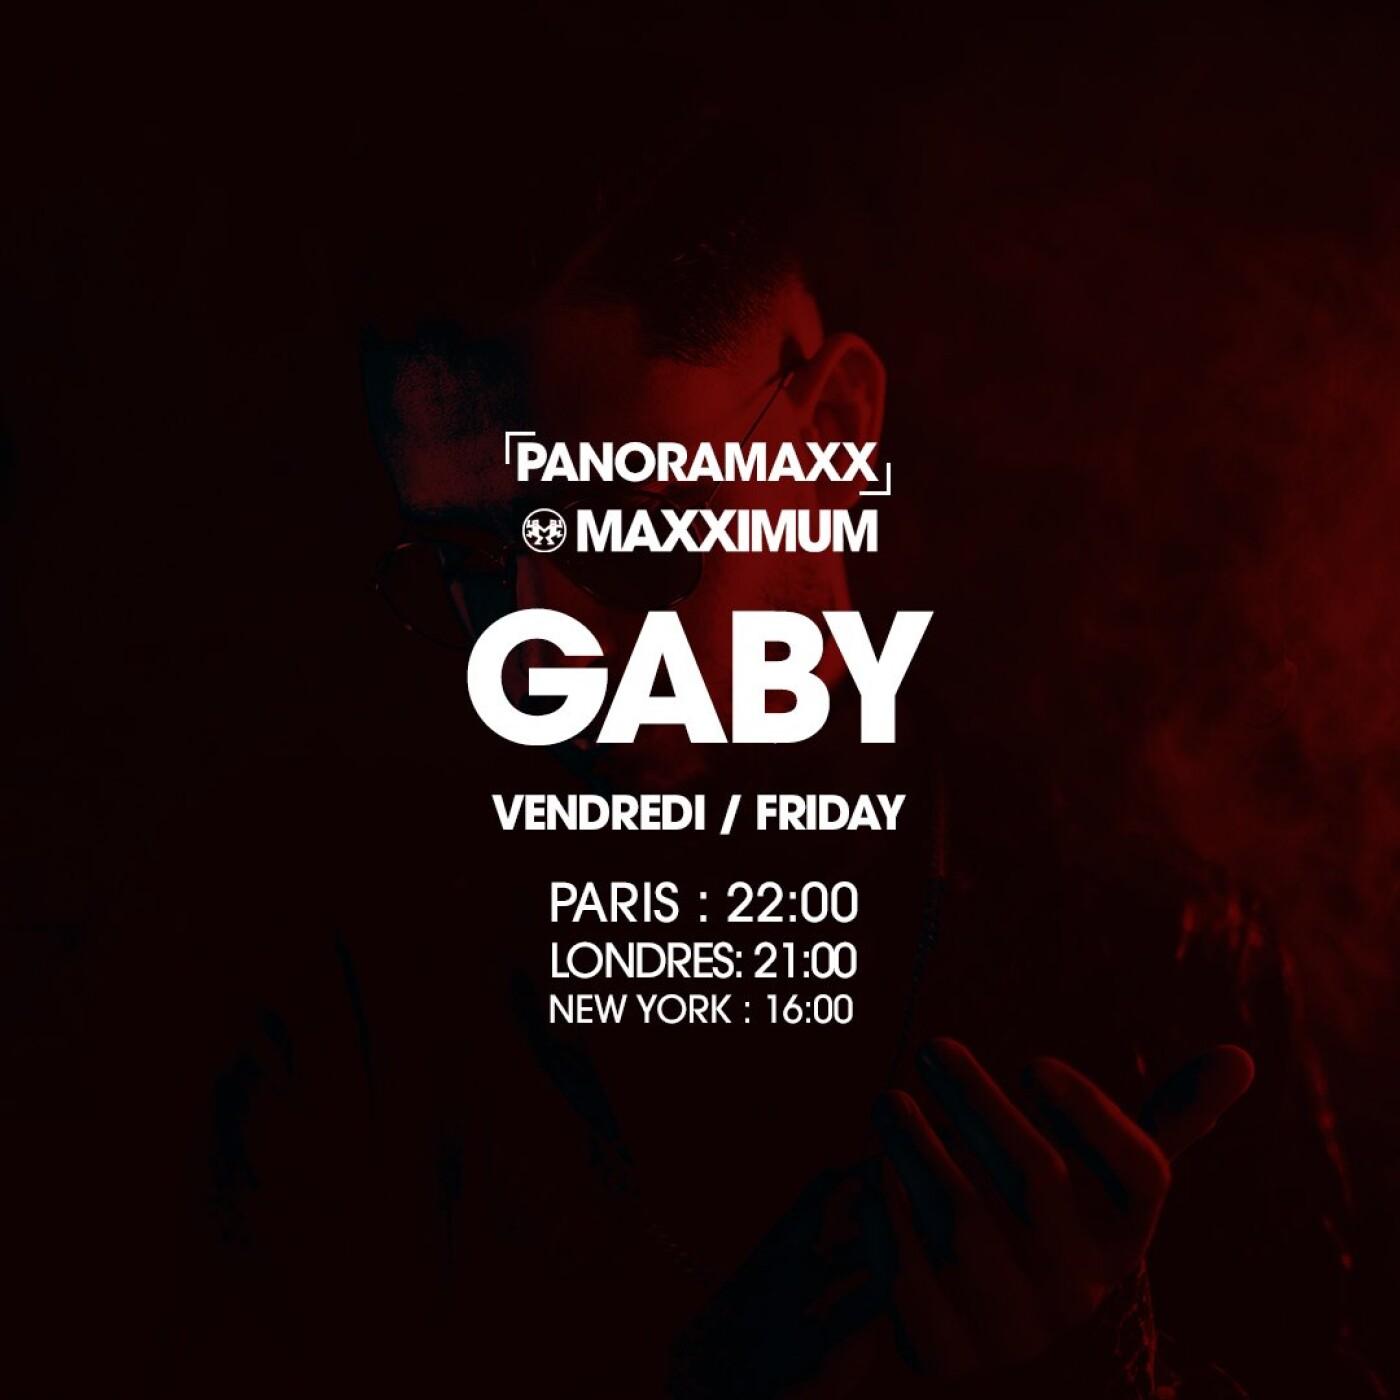 PANORAMAXX : GABY